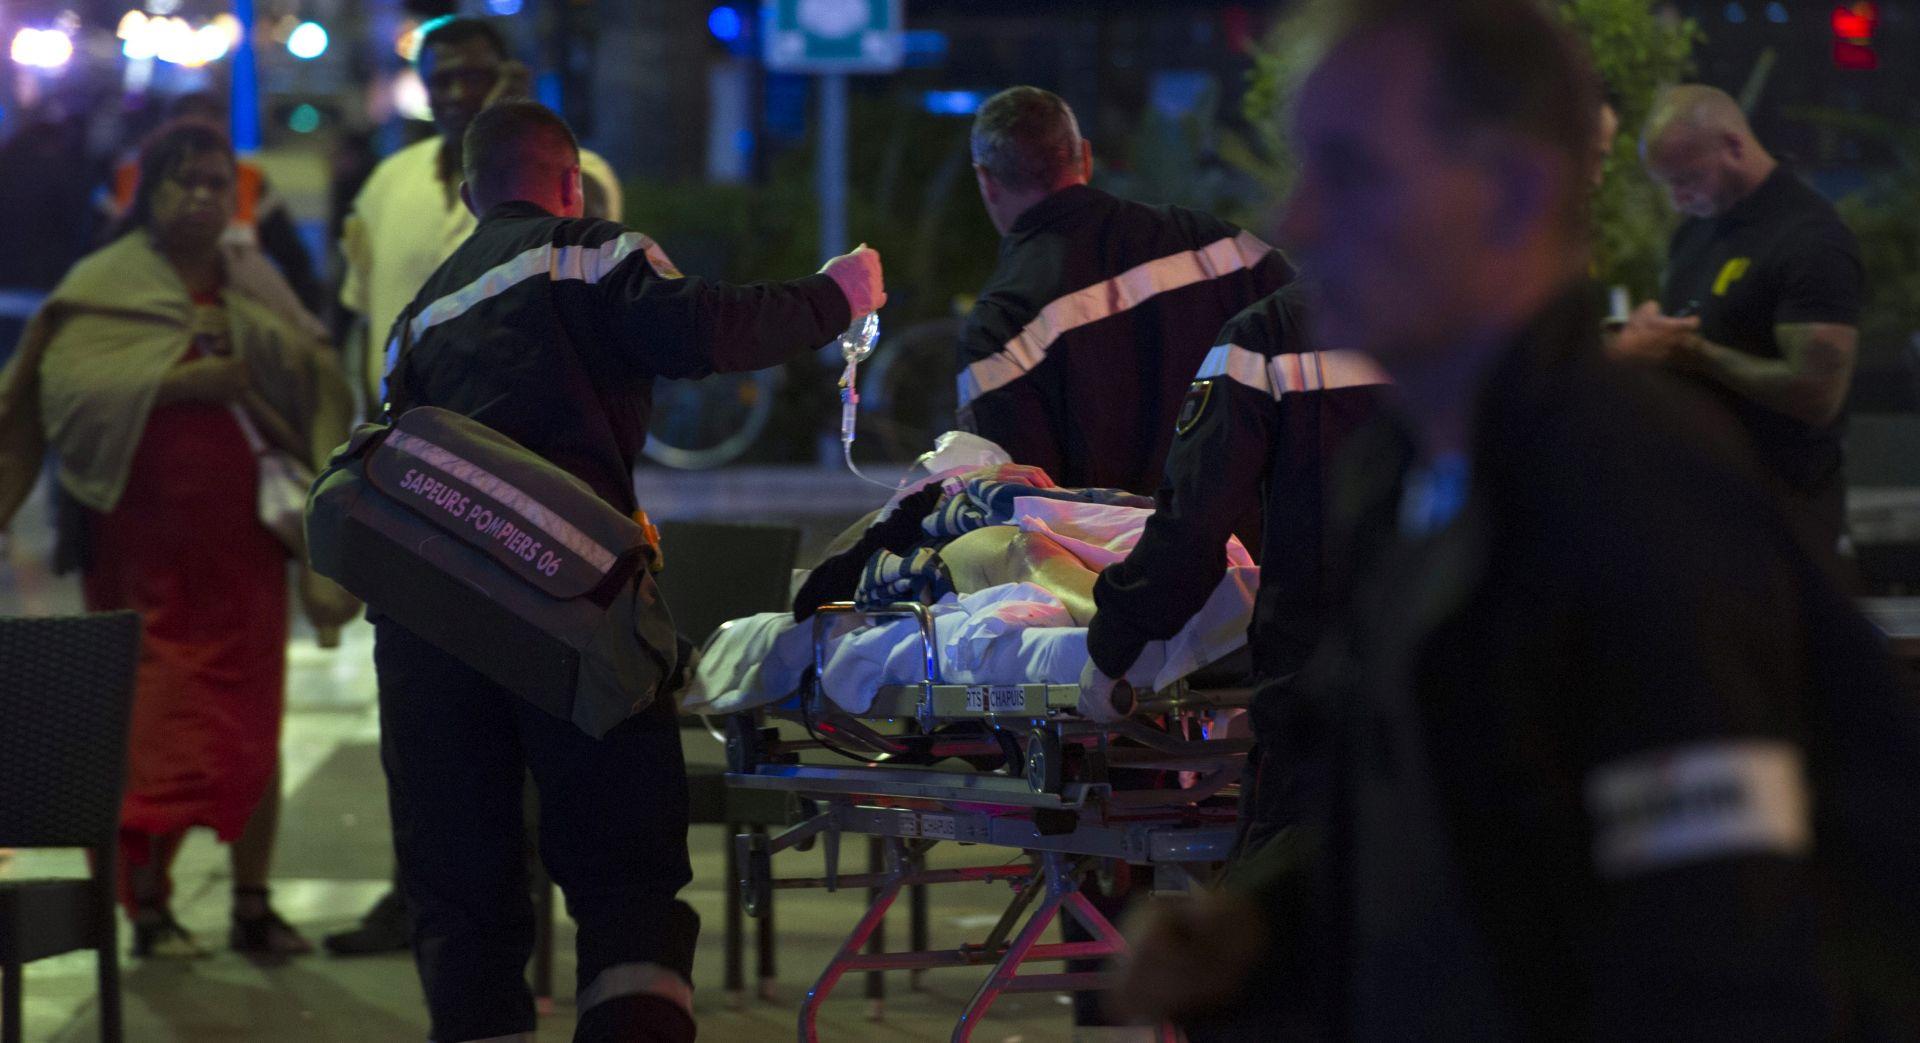 UŽIVO: NOVI TERORISTIČKI NAPAD U NICI Policija identificirala napadača, najmanje 84 mrtvih i 100 ozlijeđenih